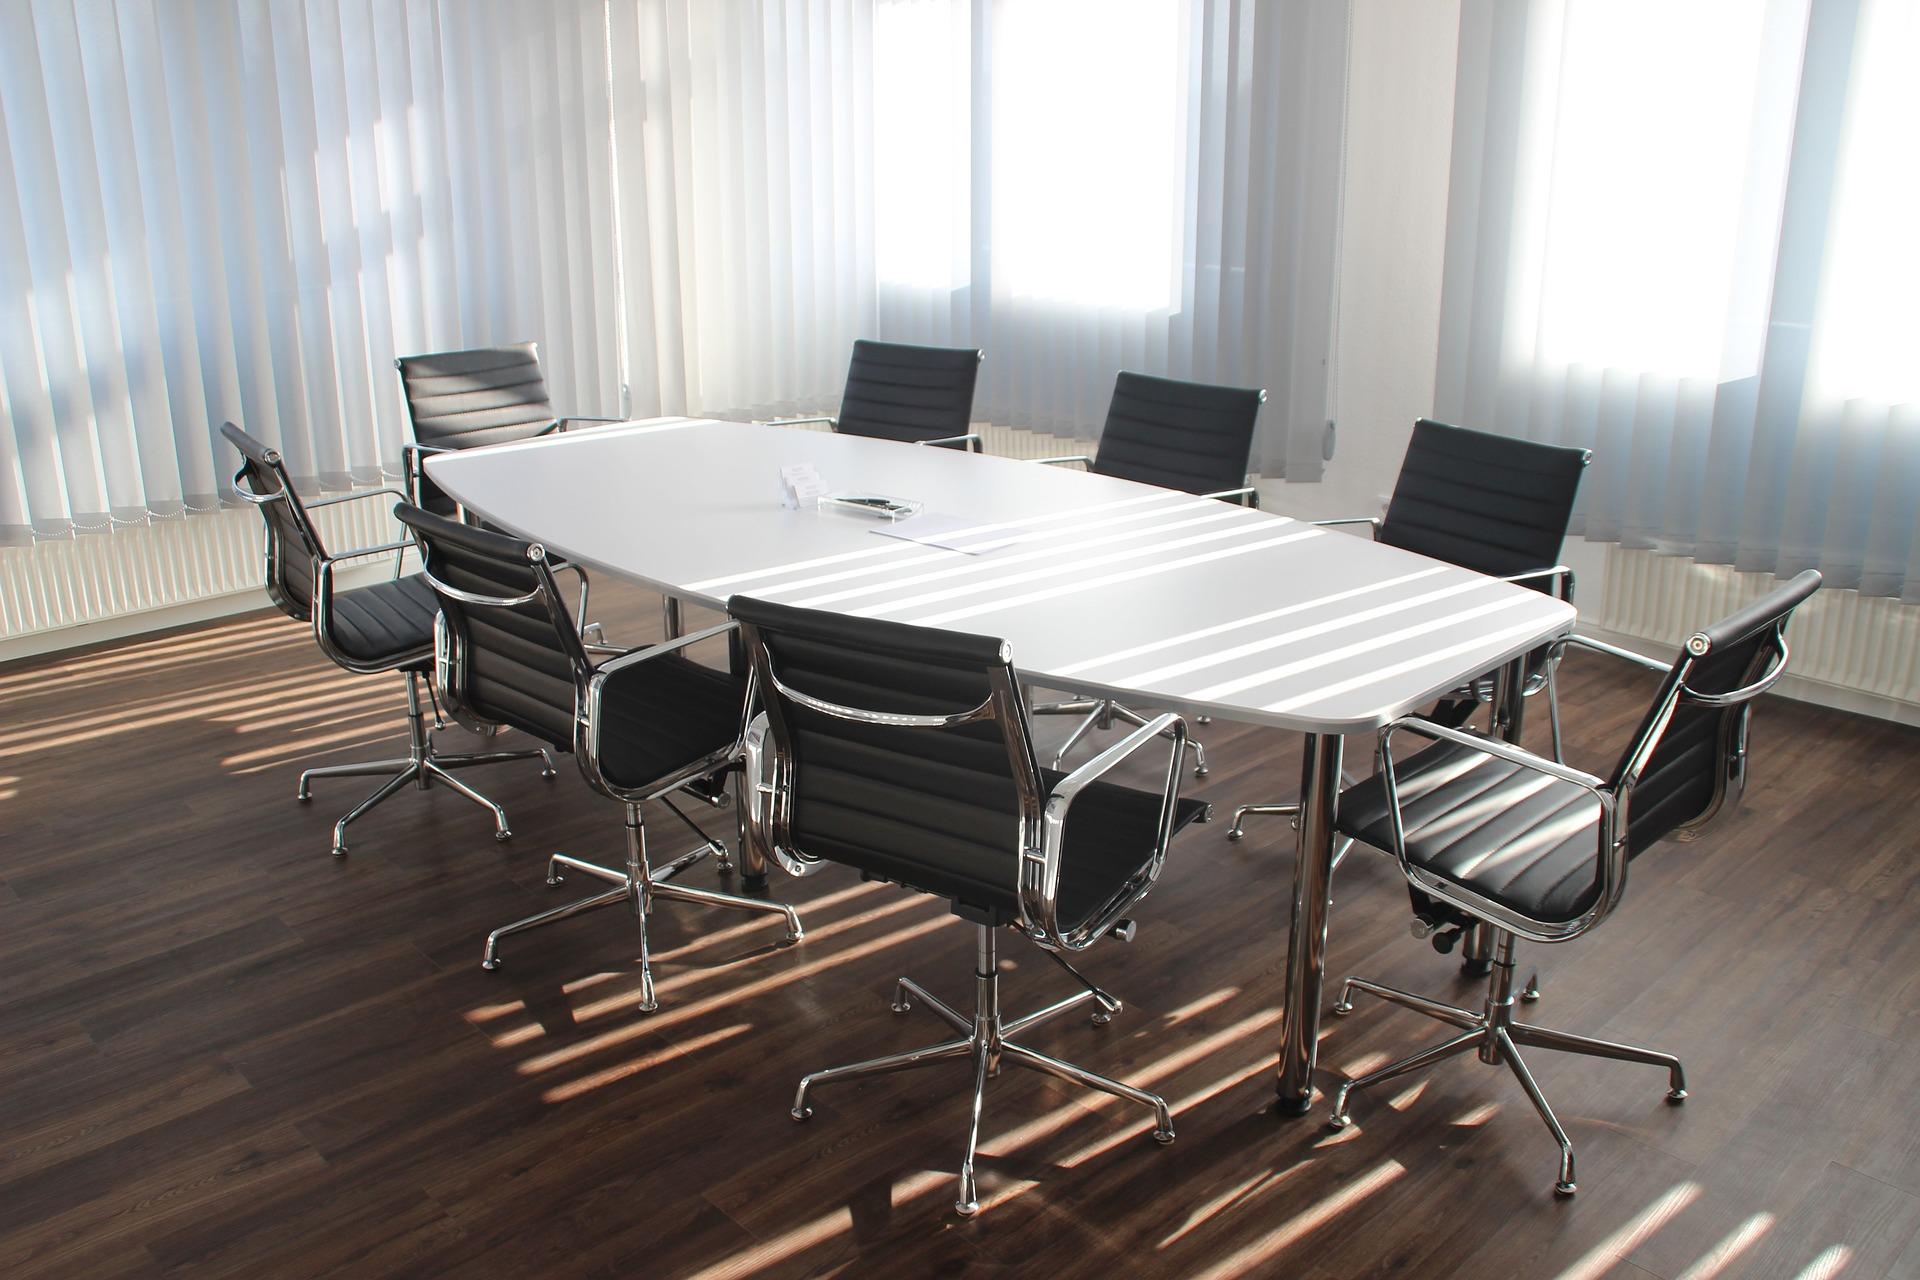 お客さんを招いて会議する場合の会議室の席次マナーは?